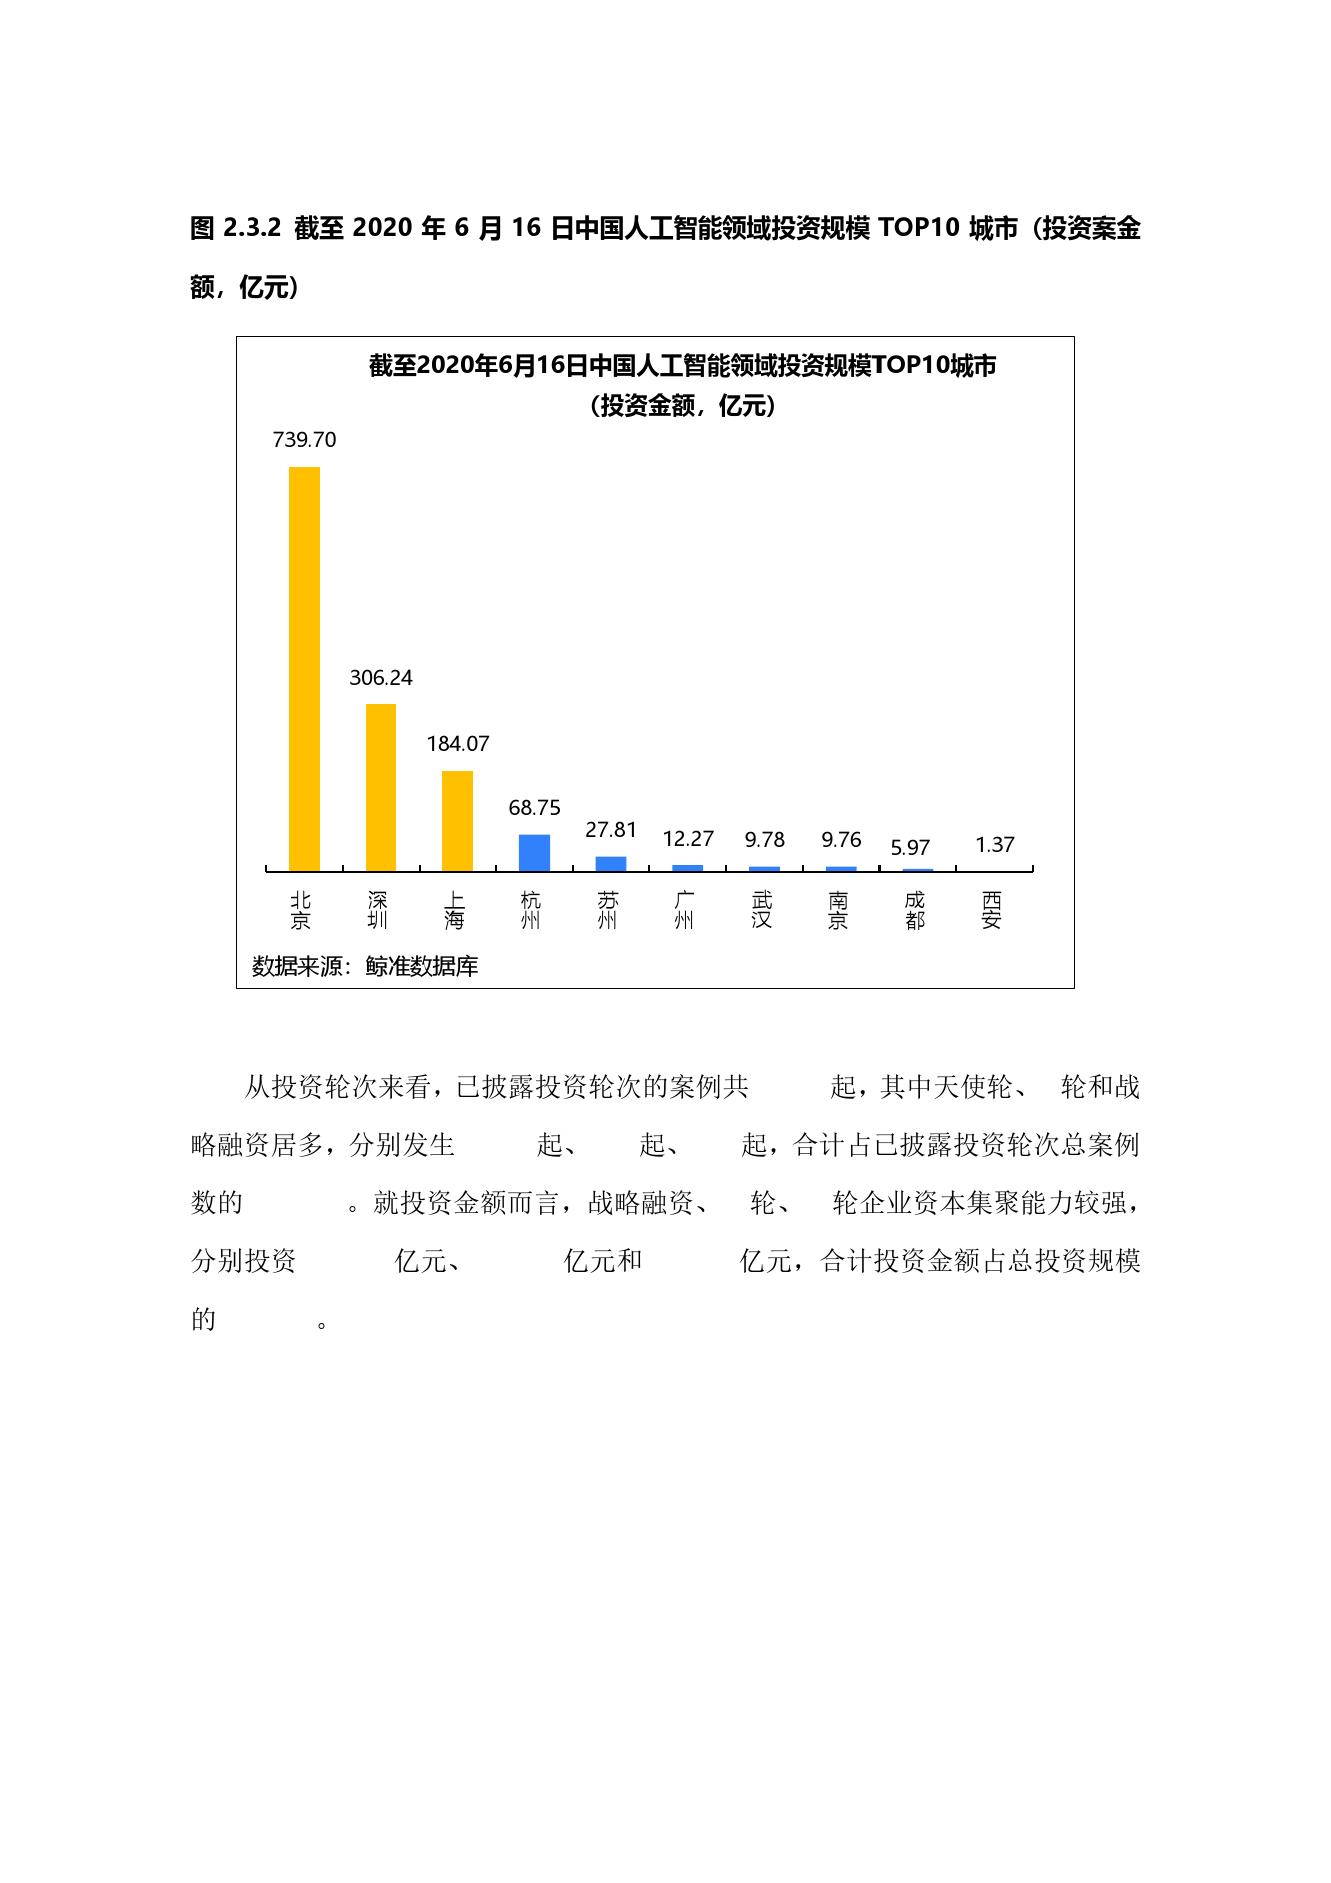 36氪研究院:2020年中国城市人工智能发展指数报告(可下载报告)插图(45)